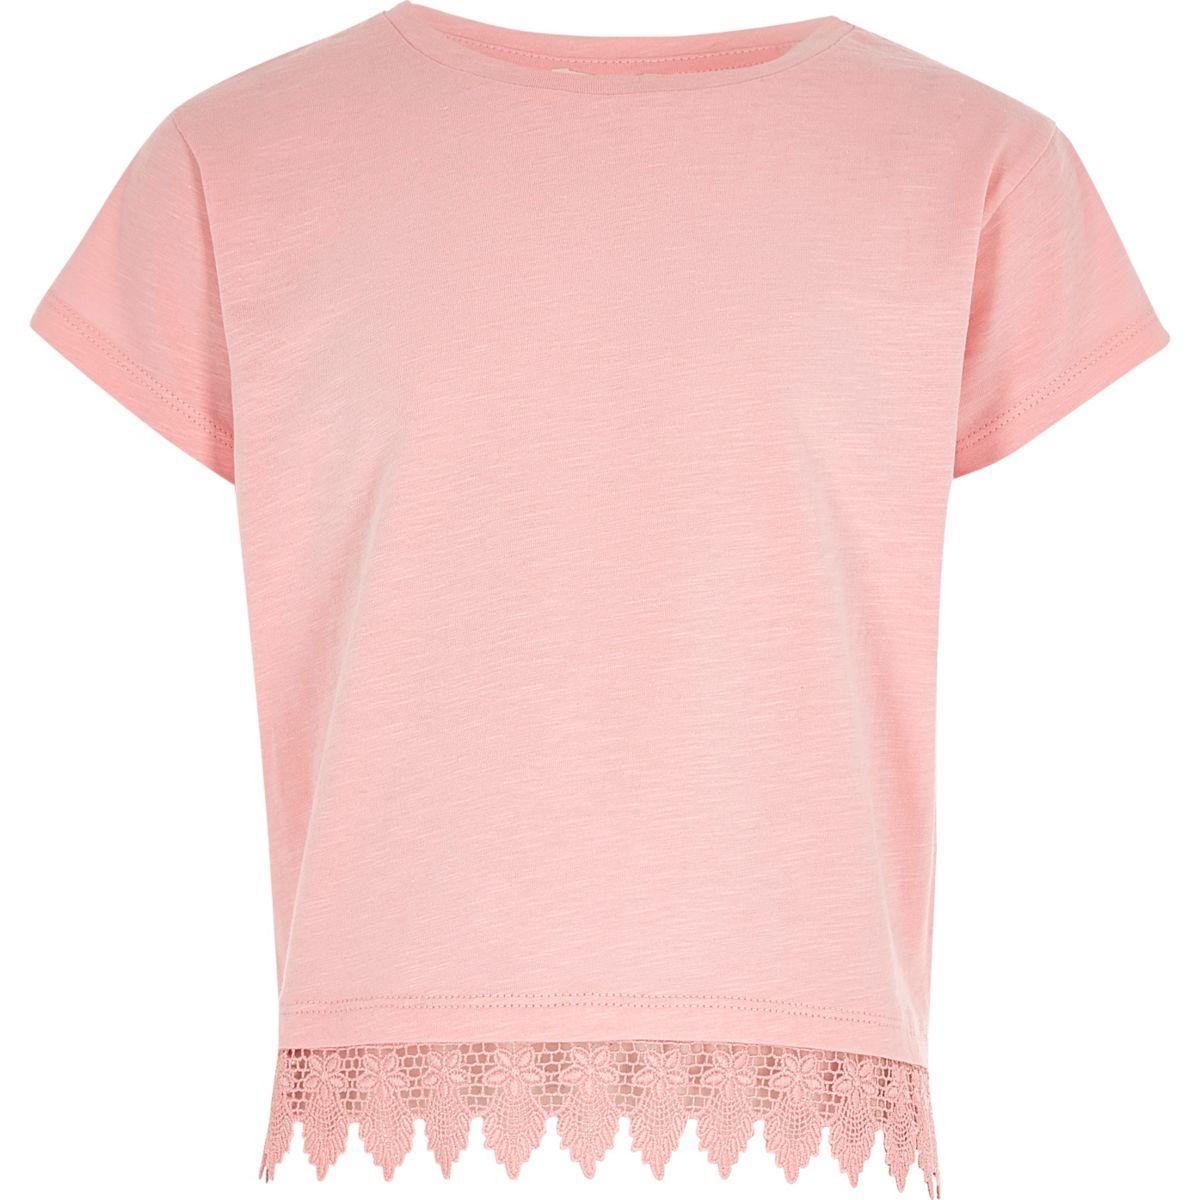 Girls pink crochet hem T-shirt